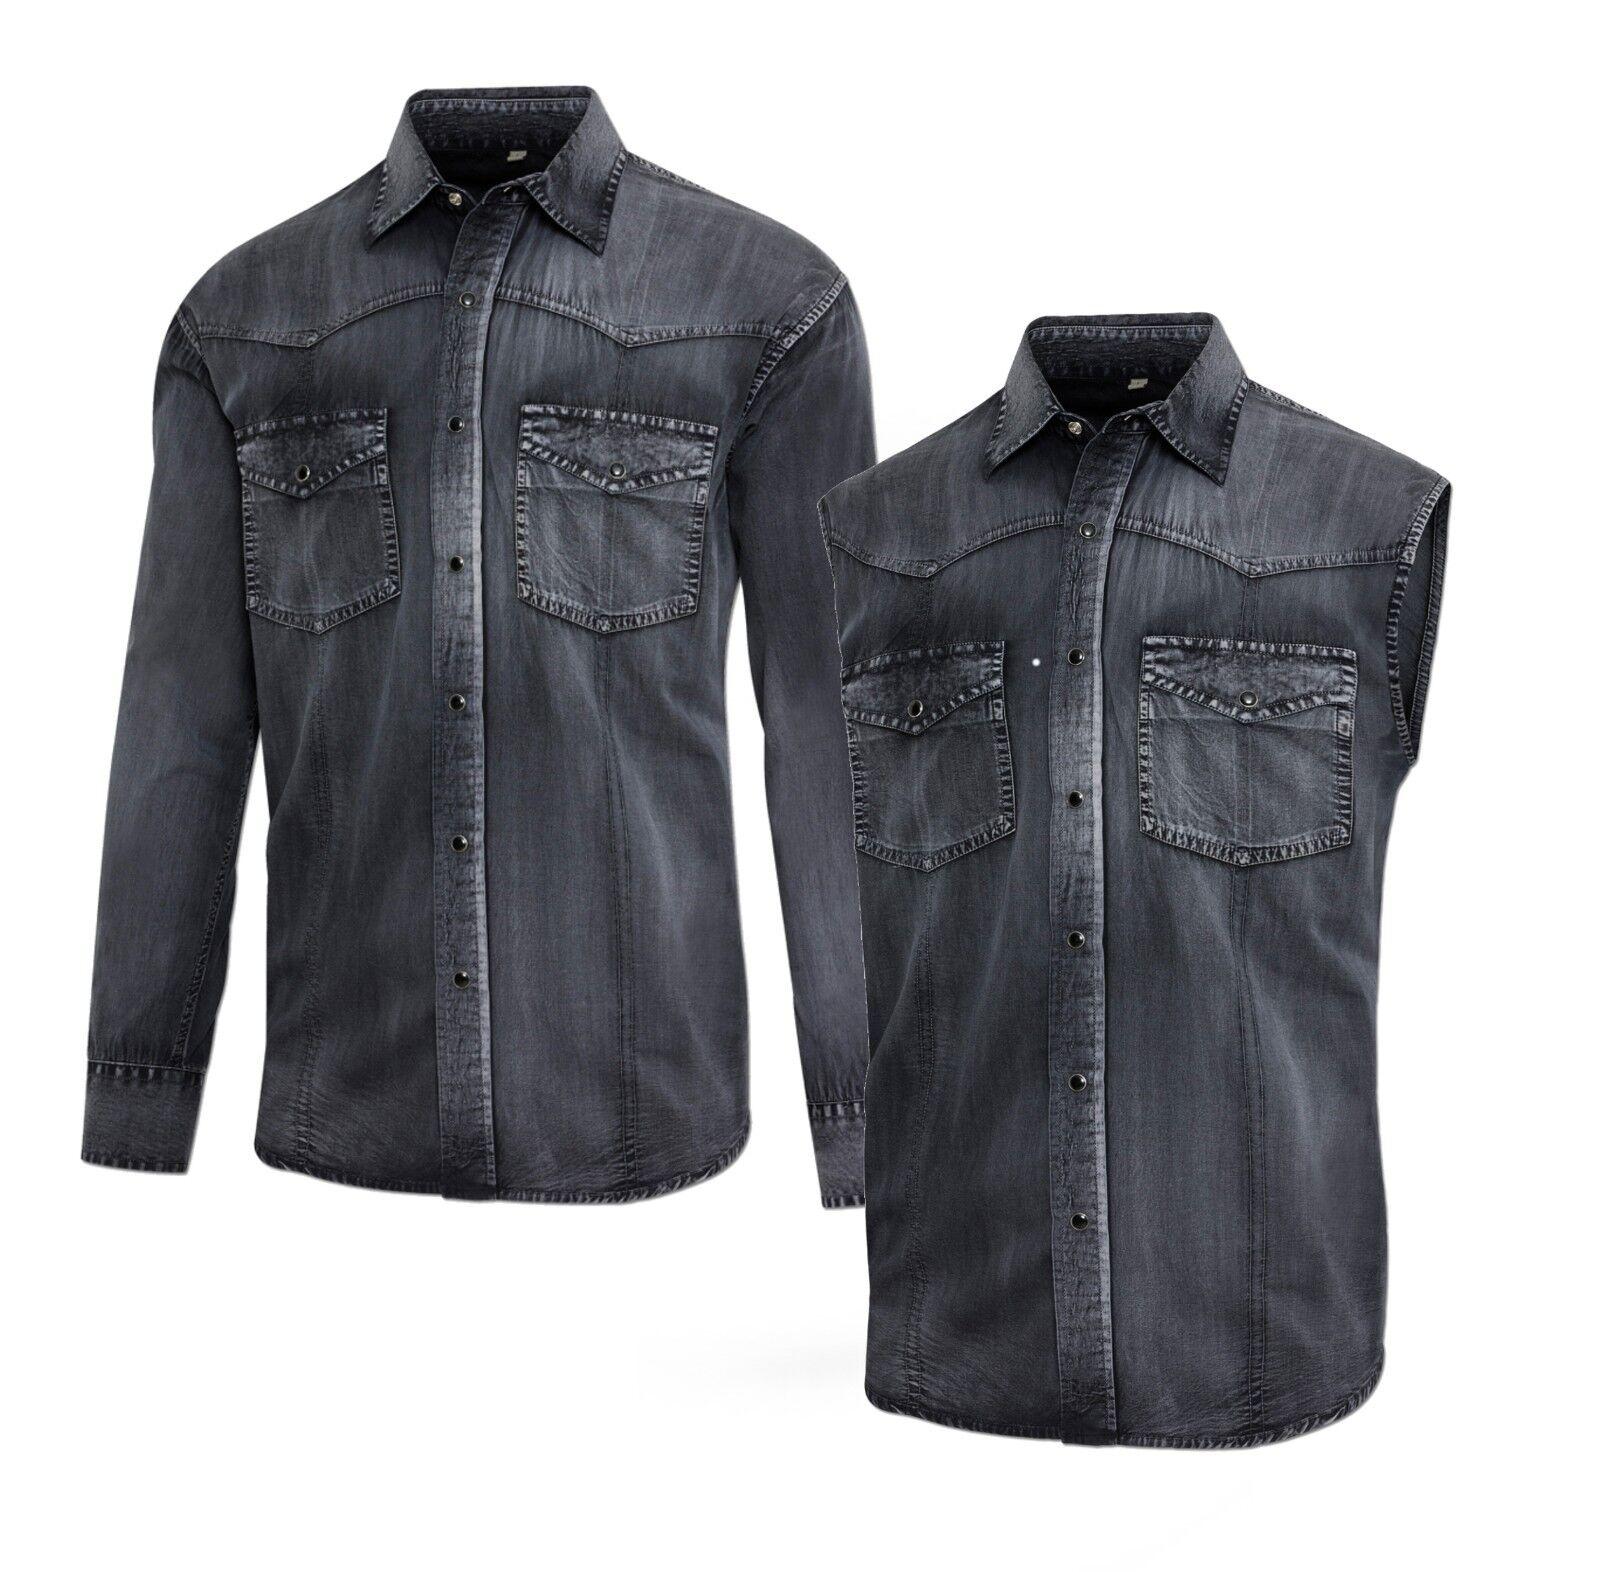 Stars & & & Stripes Herren-Westernhemd ENZO Westernkleidung Langarm oder Ärmelfrei   Schönes Design  aca7e5